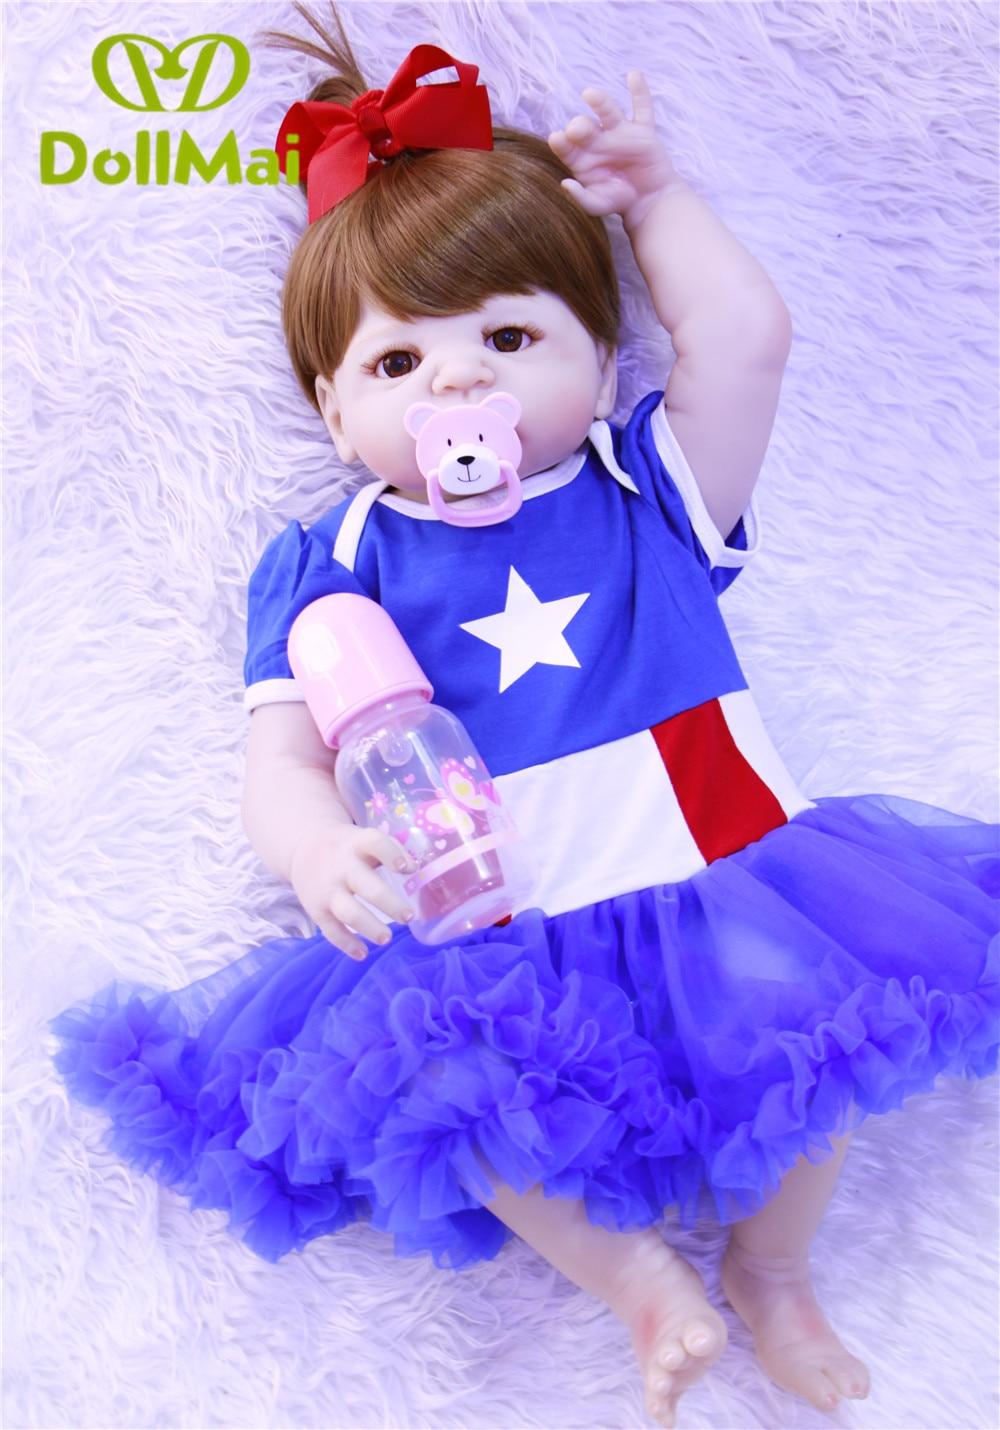 Bebes reborn poupée silicone reborn reborn bébé poupées lol poupée brinquedos boneca reborn cadeau de noël pour fille anniversaire DOLLMAI - 4